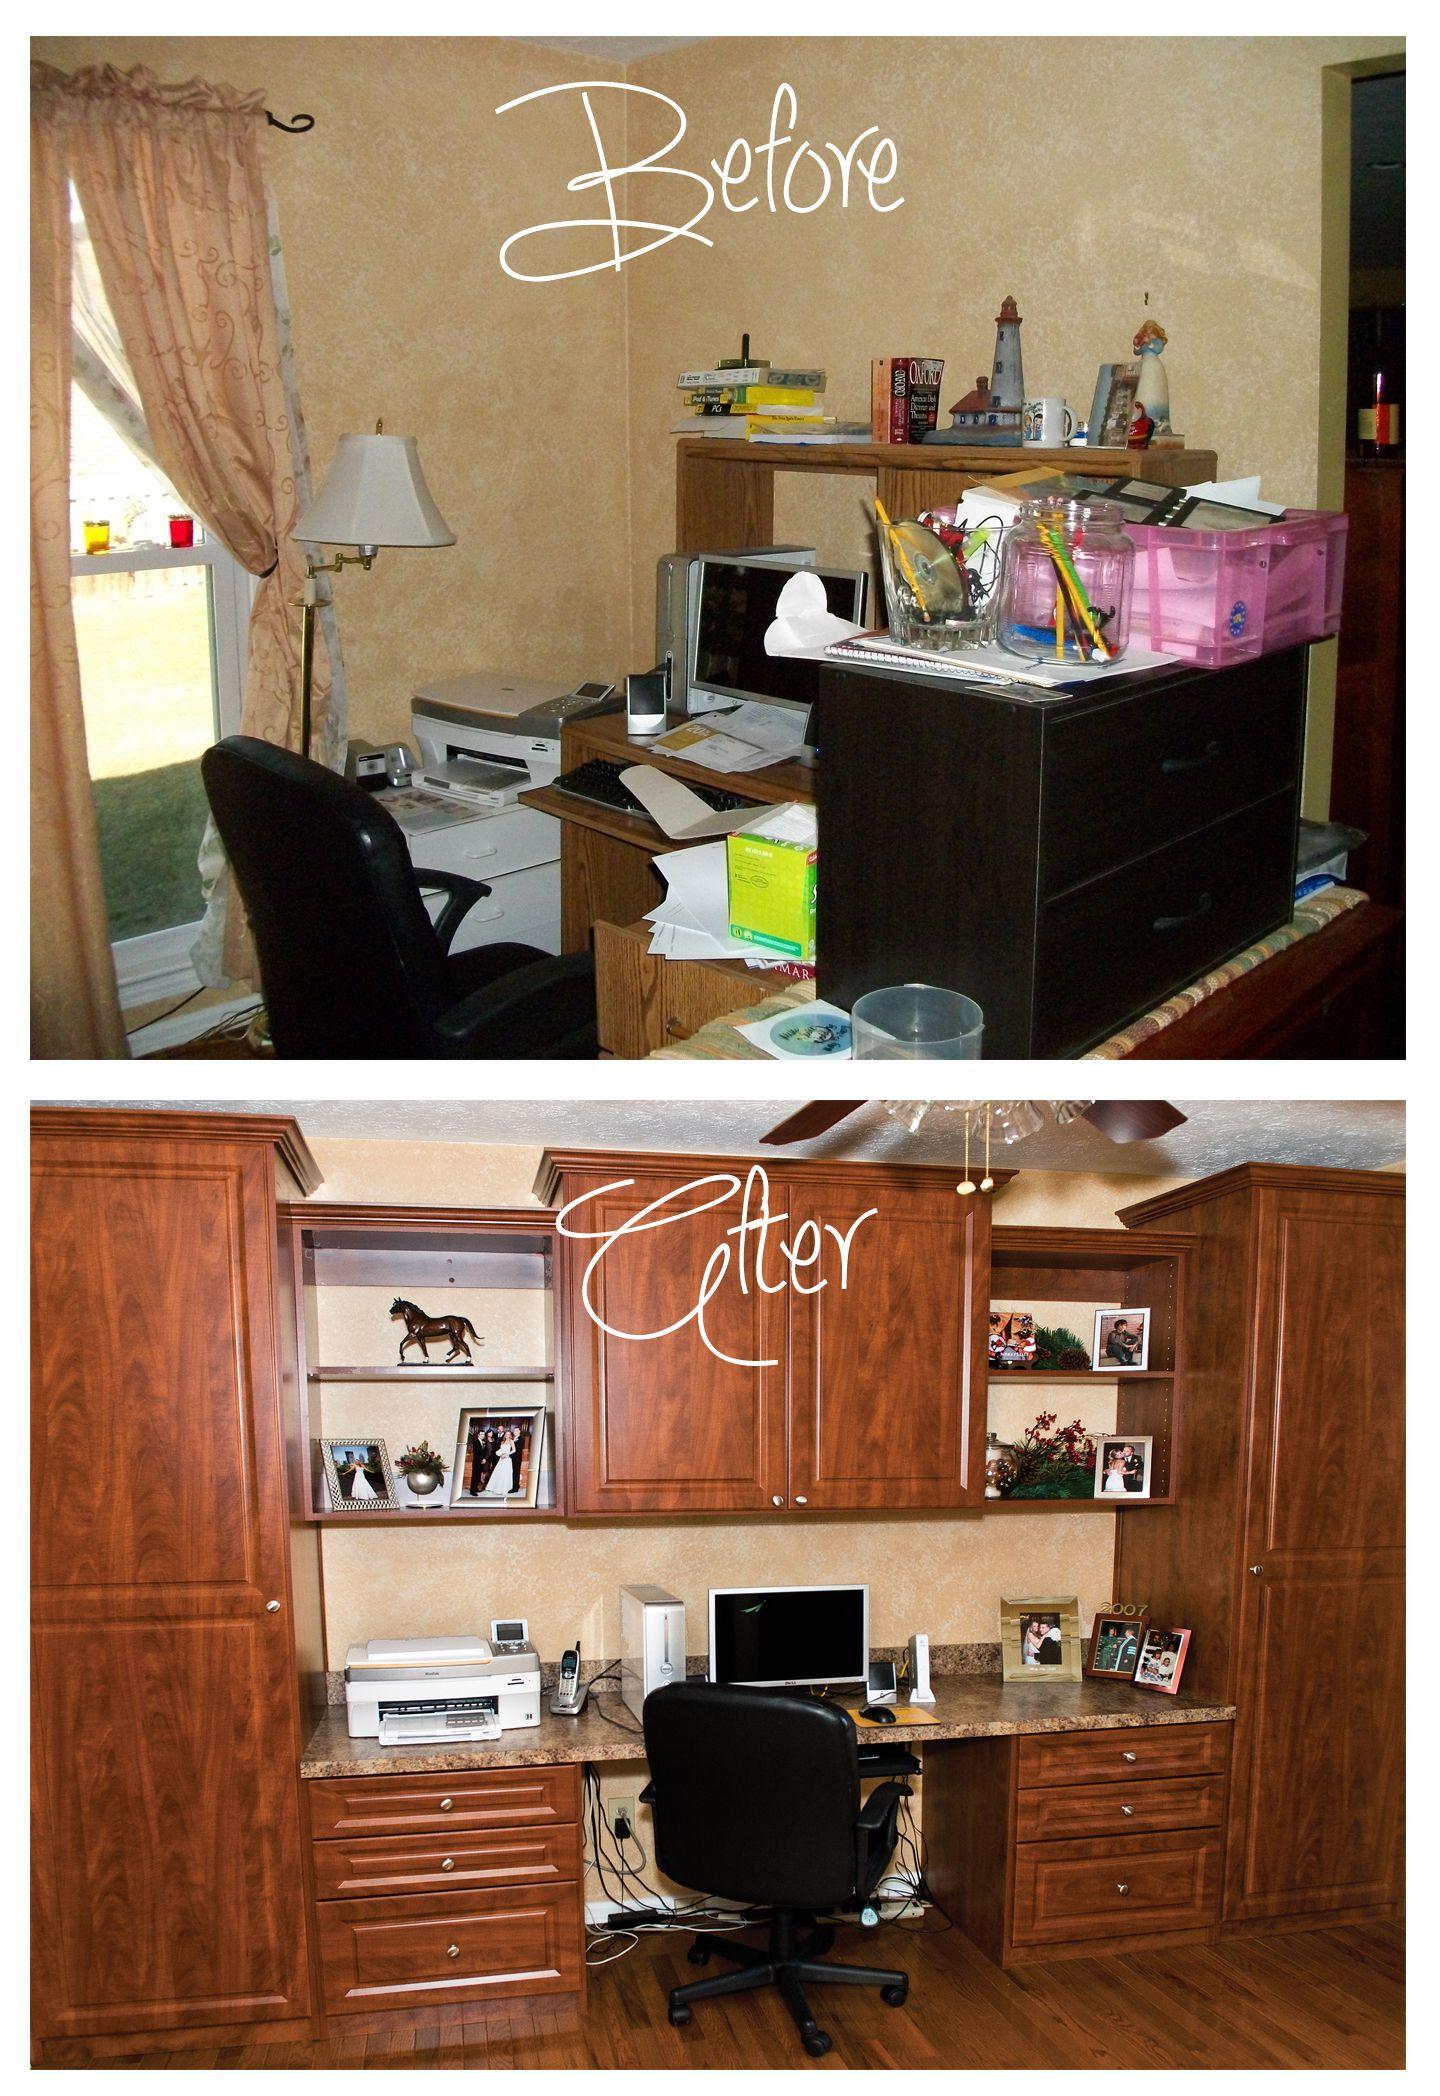 Http://www.closetsbydesign.com/ #Louisville KY